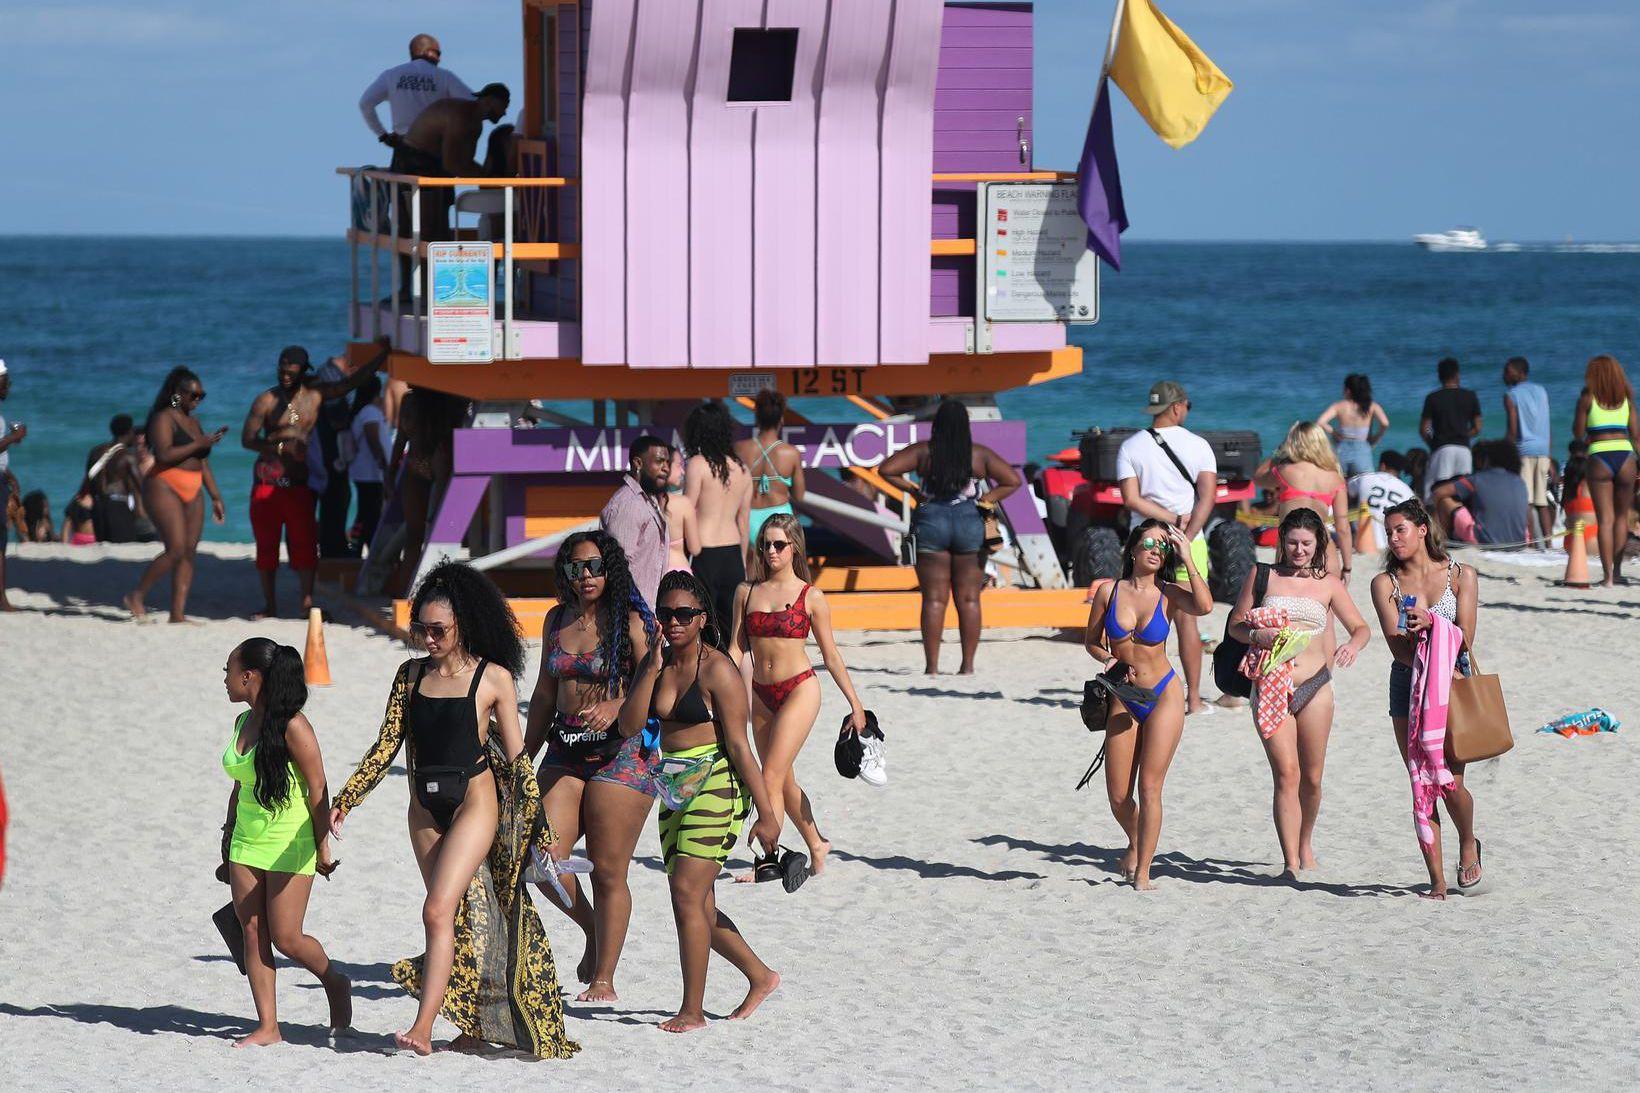 Þessi ljósmynd var tekin á Miami þann 15. mars síðastliðinn …